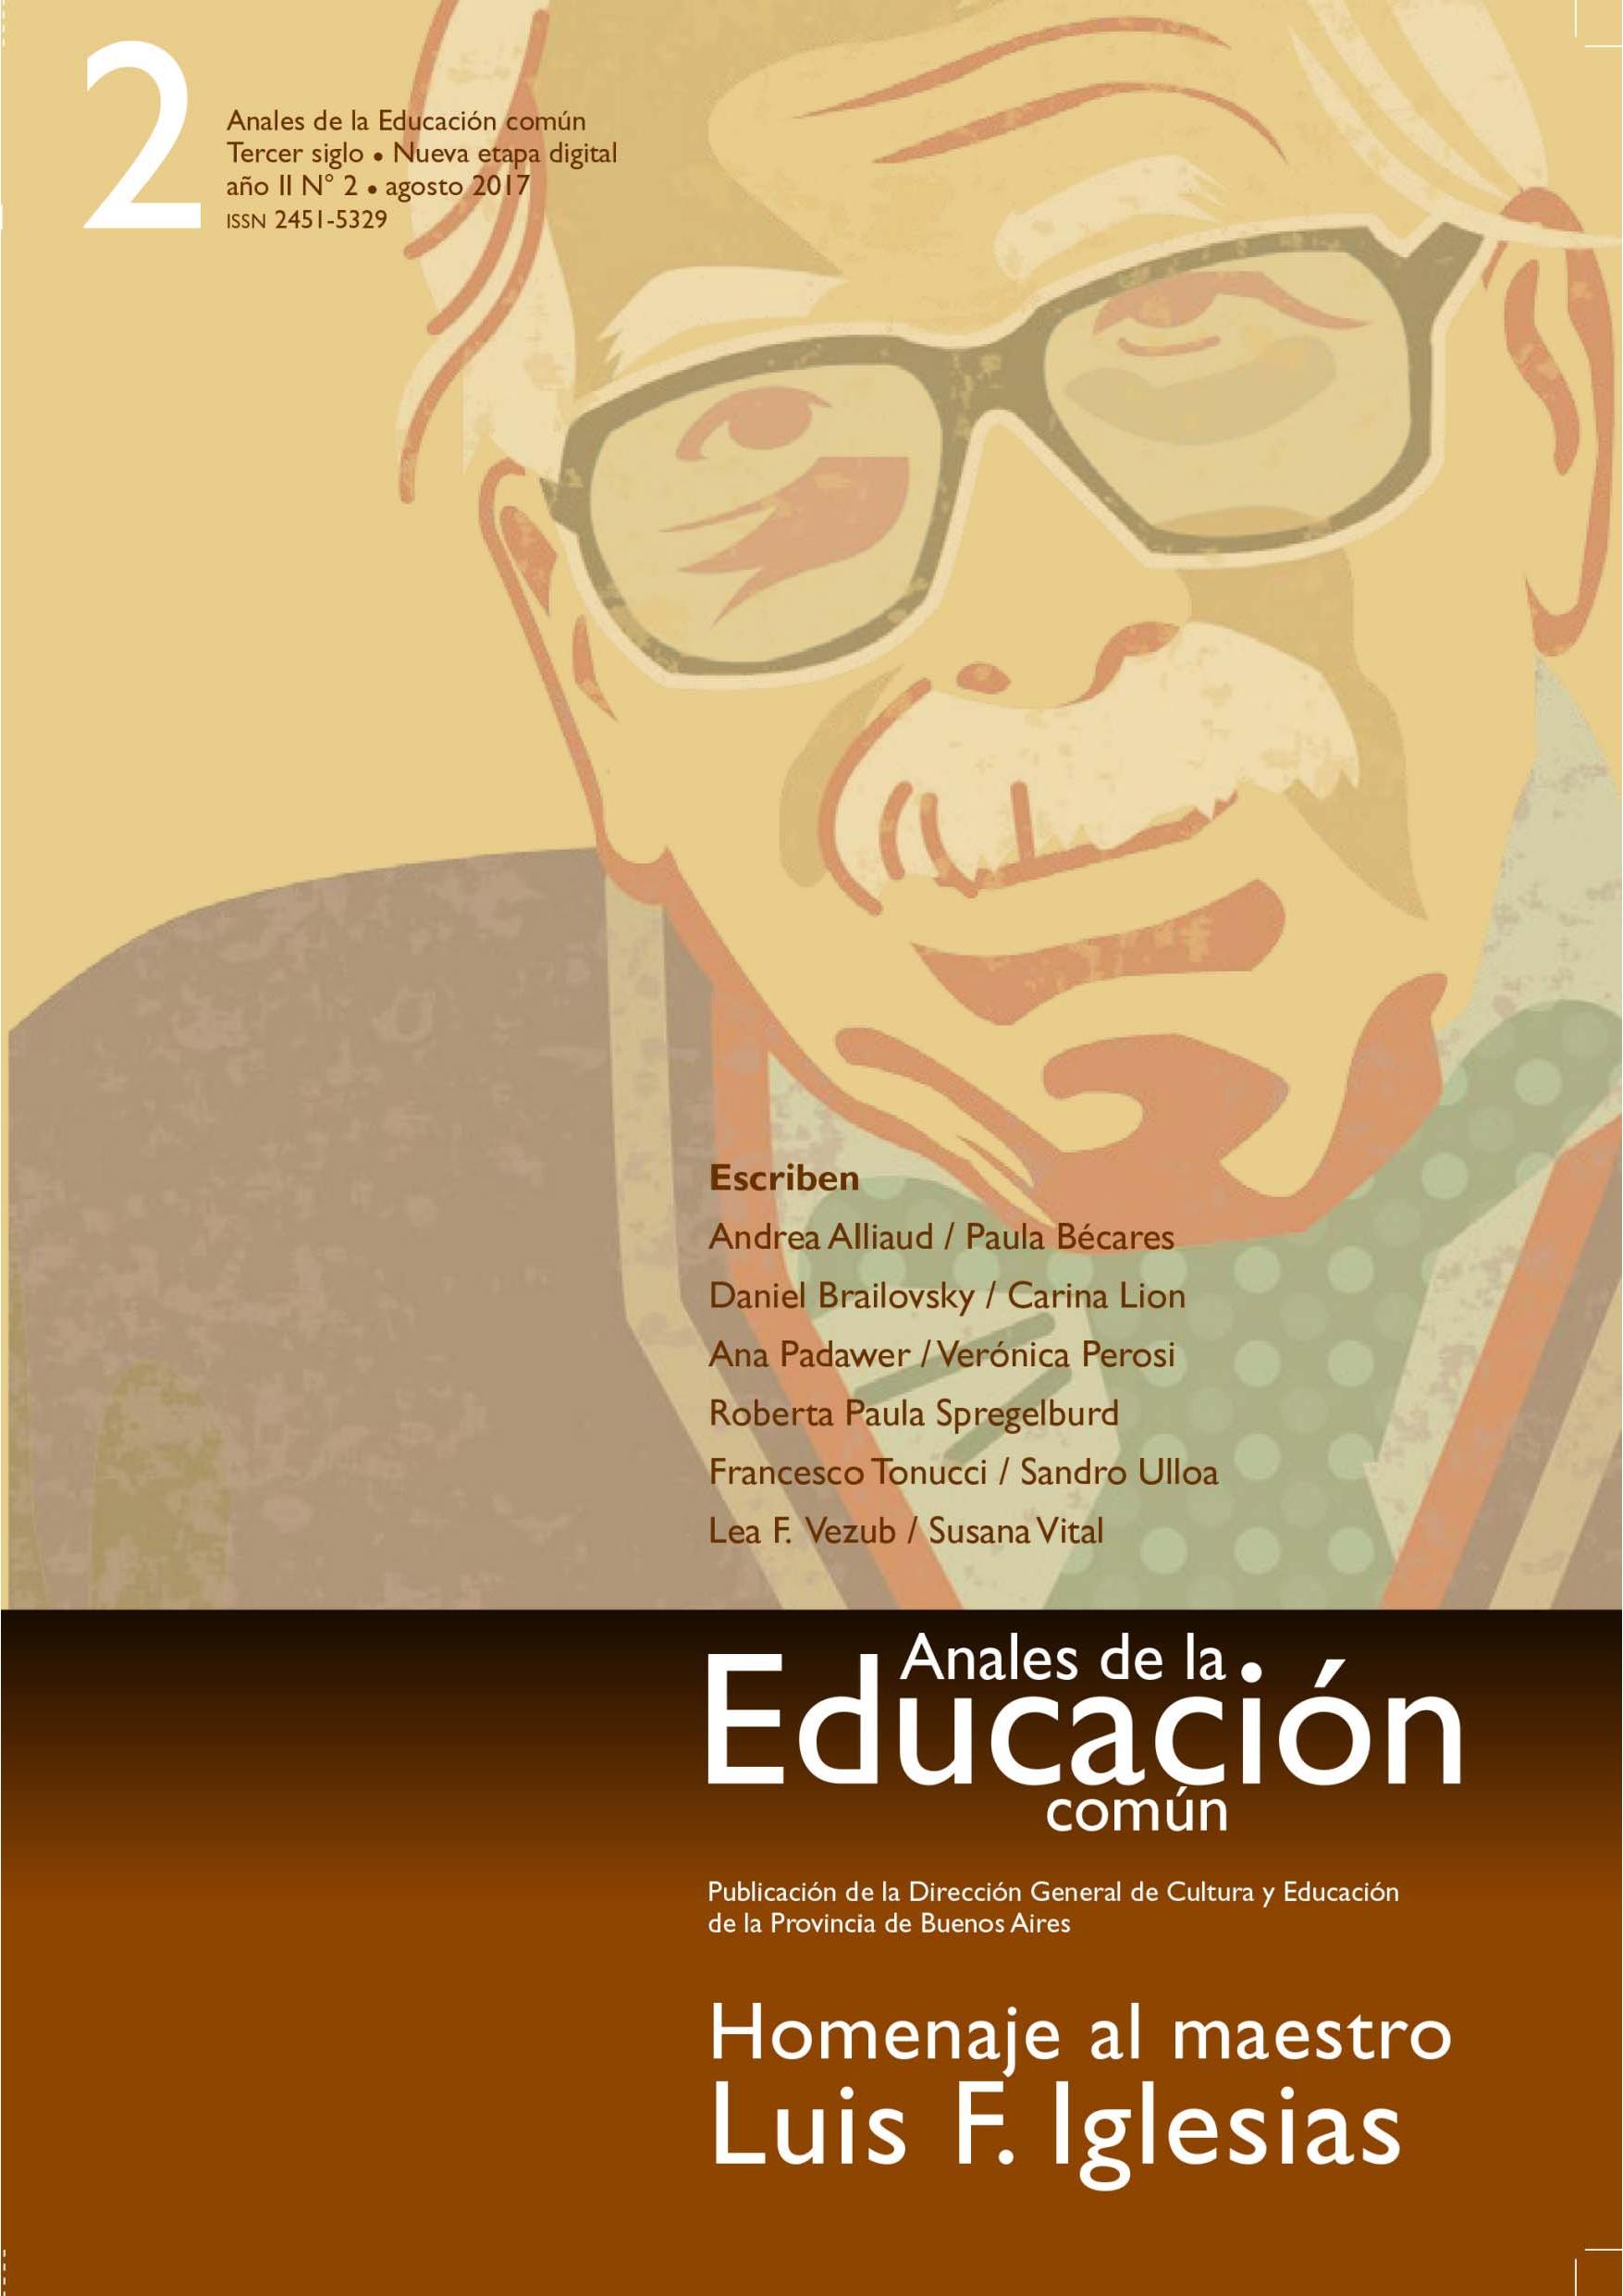 Tapa de la revista Anales de la Educación Común número 2. Homenaje al maestro Luis F. Iglesias.